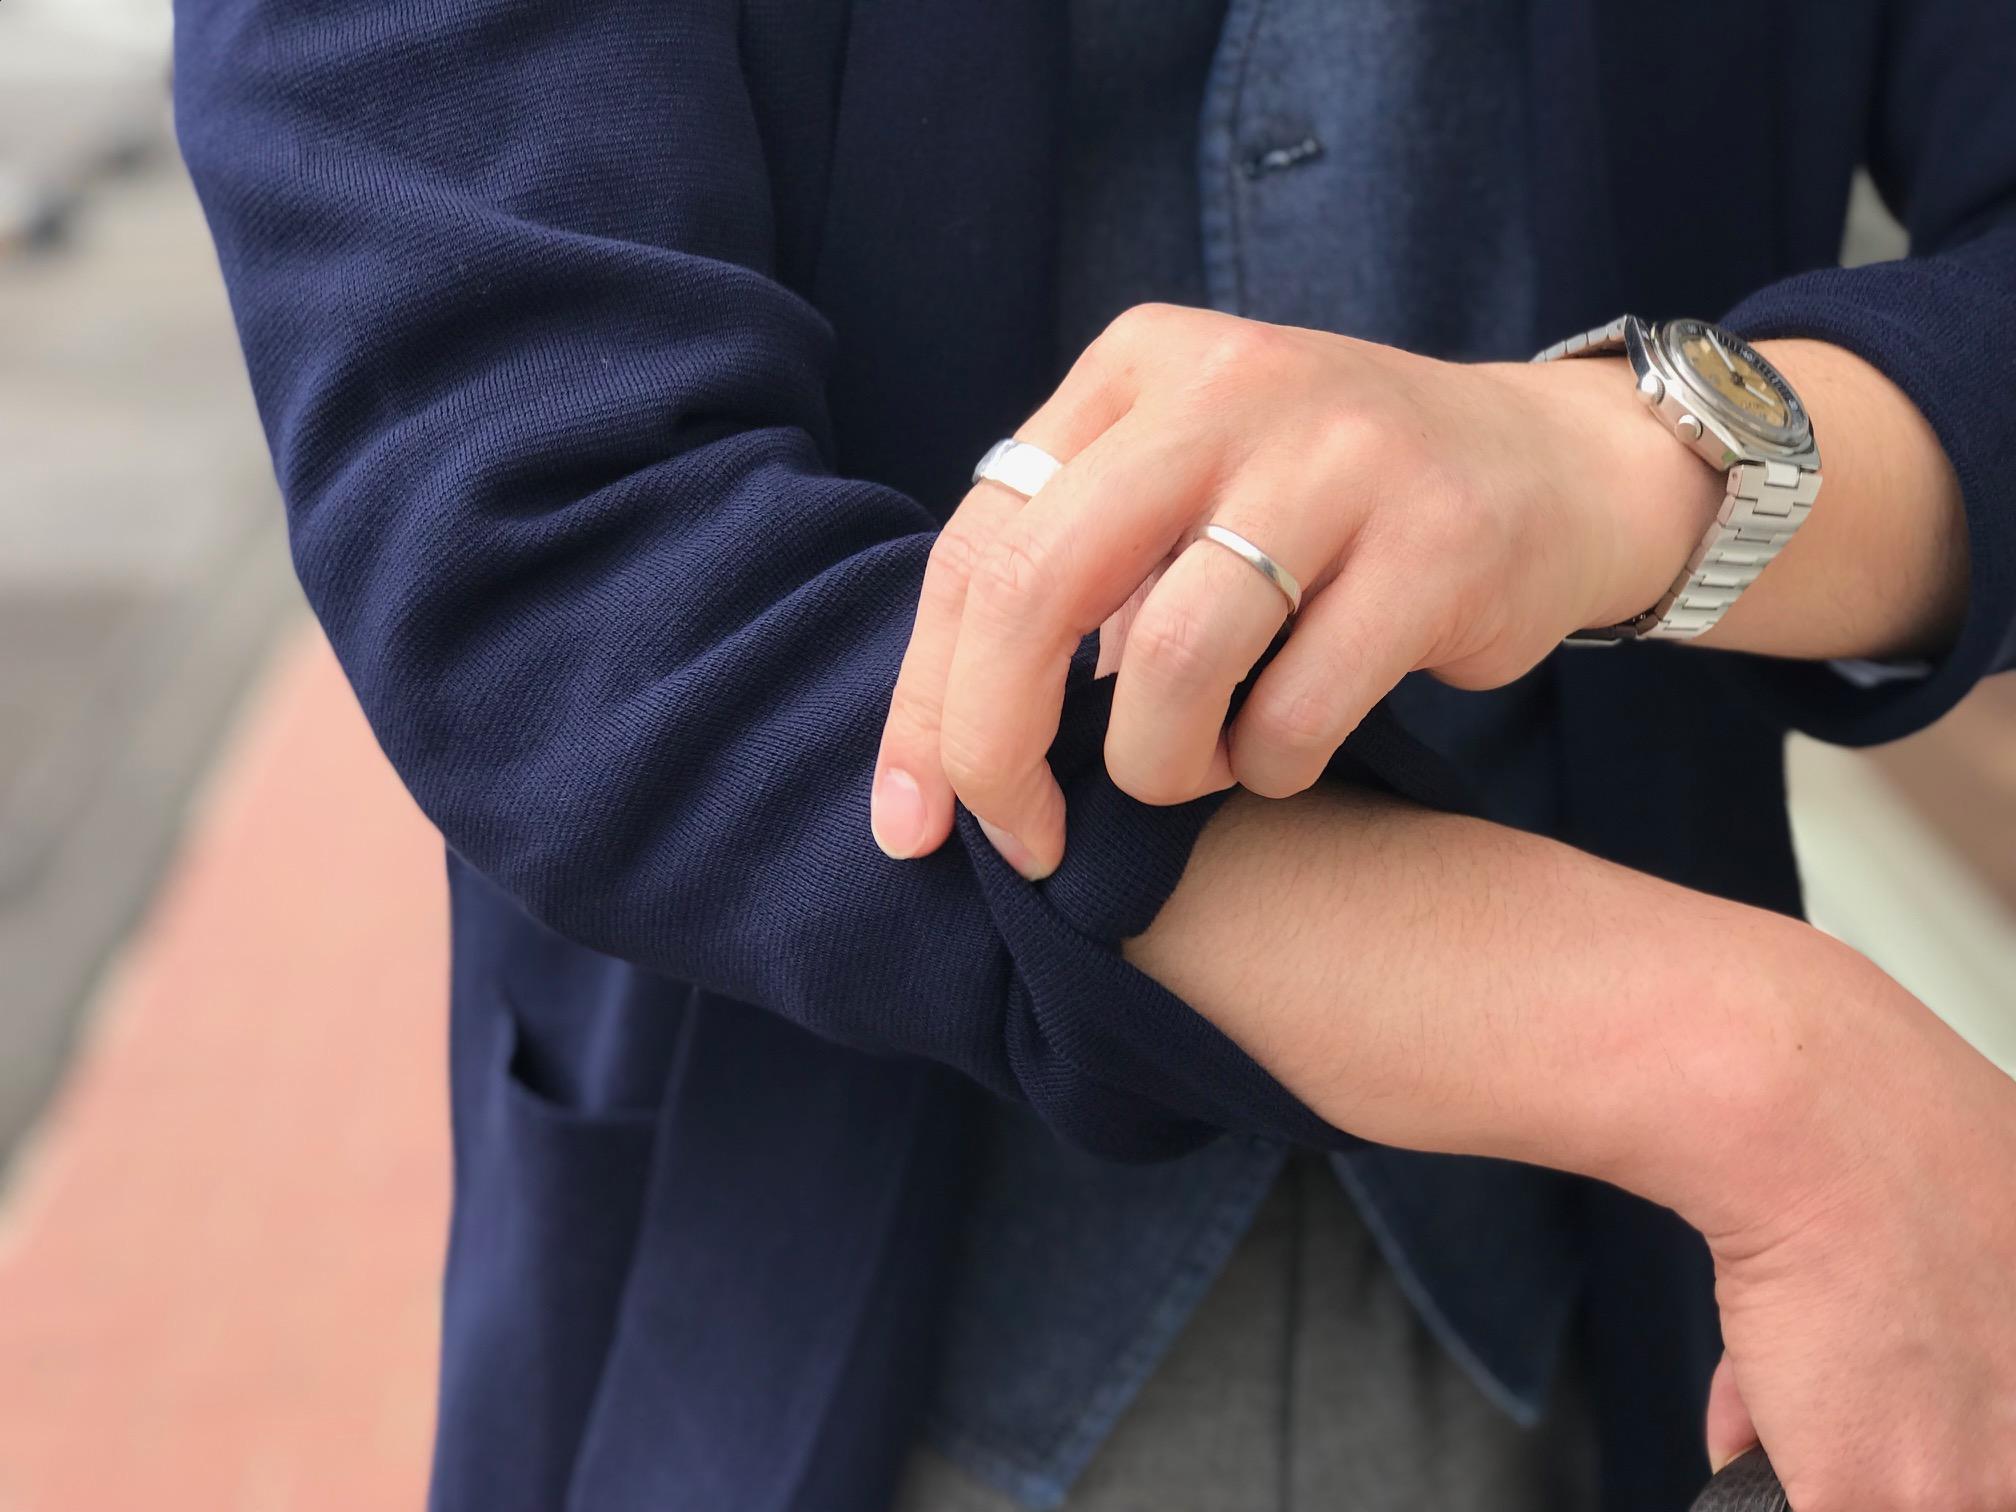 カーディガン以上ジャケット未満の便利な羽織りもの! 【Gran Sasso】ミラノリブ編みボタンレスカーディガン!!